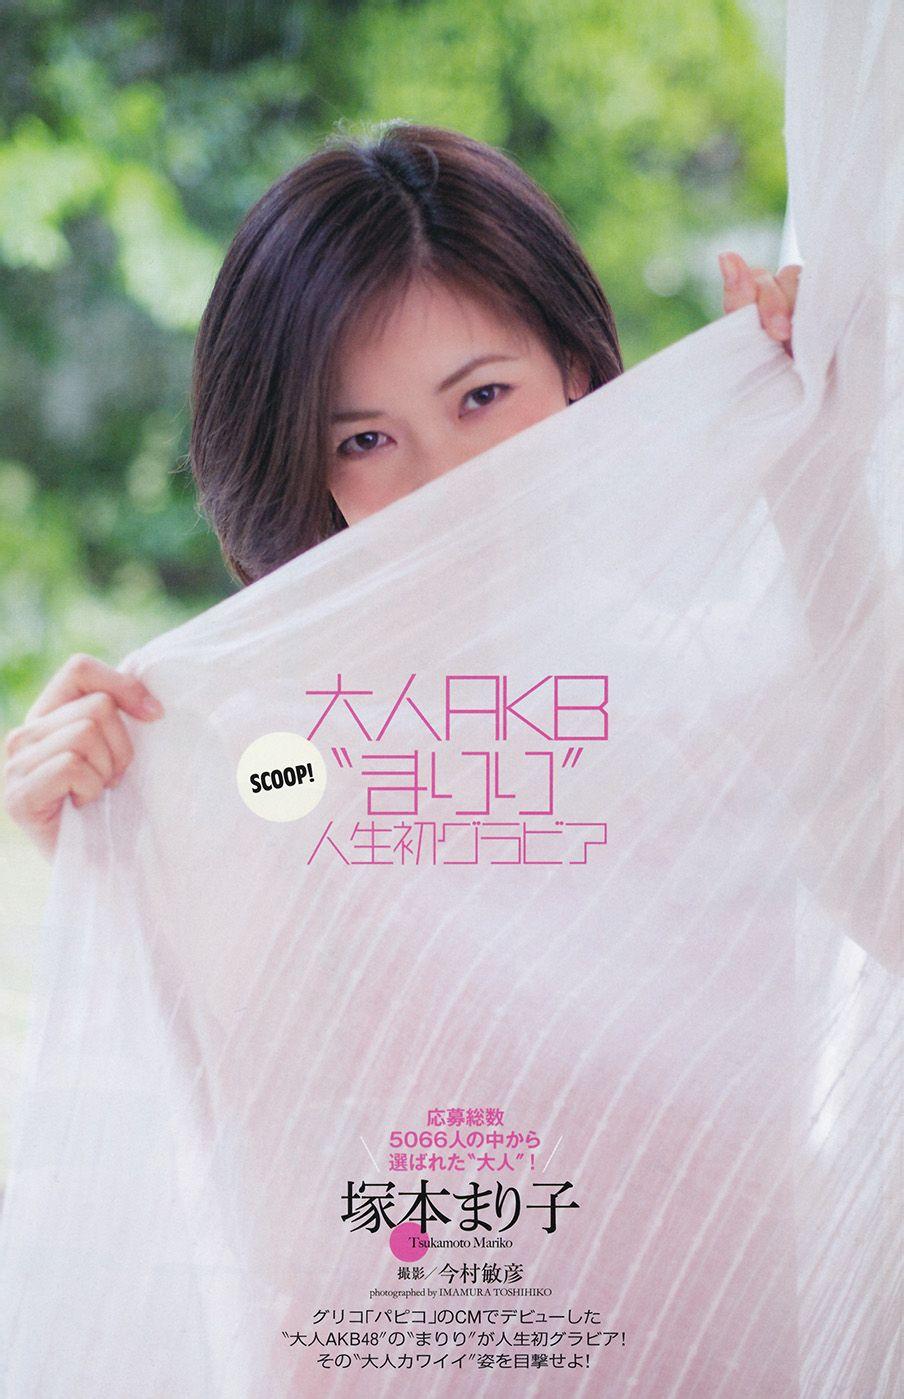 大人AKB・塚本まり子の週刊プレイボーイ袋とじグラビア